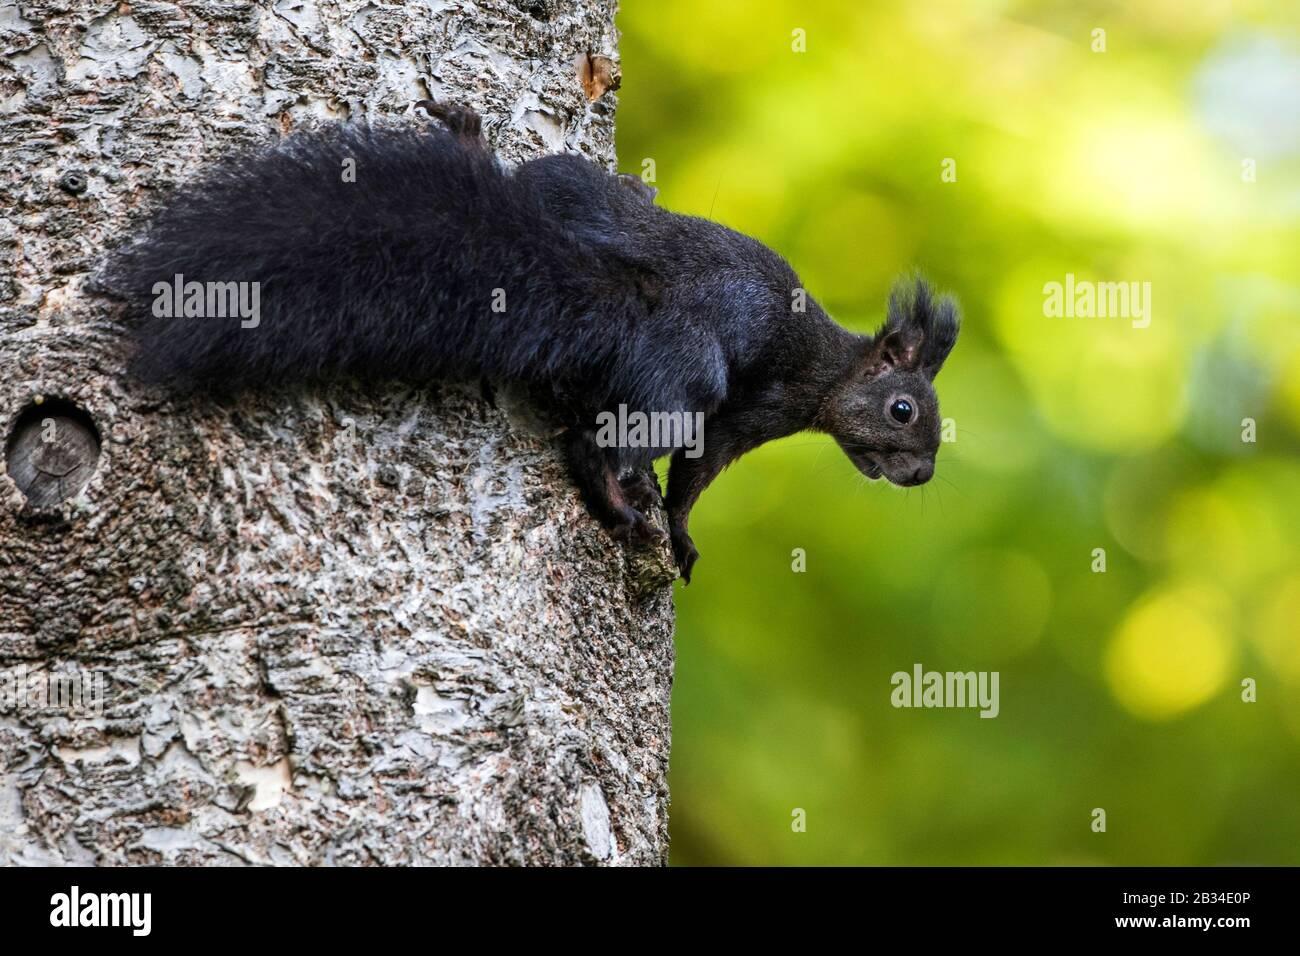 Scoiattolo rosso europeo, scoiattolo rosso eurasiatico (Sciurus vulgaris), varietà nera in un tronco d'albero, Germania, Baden-Wuerttemberg Foto Stock